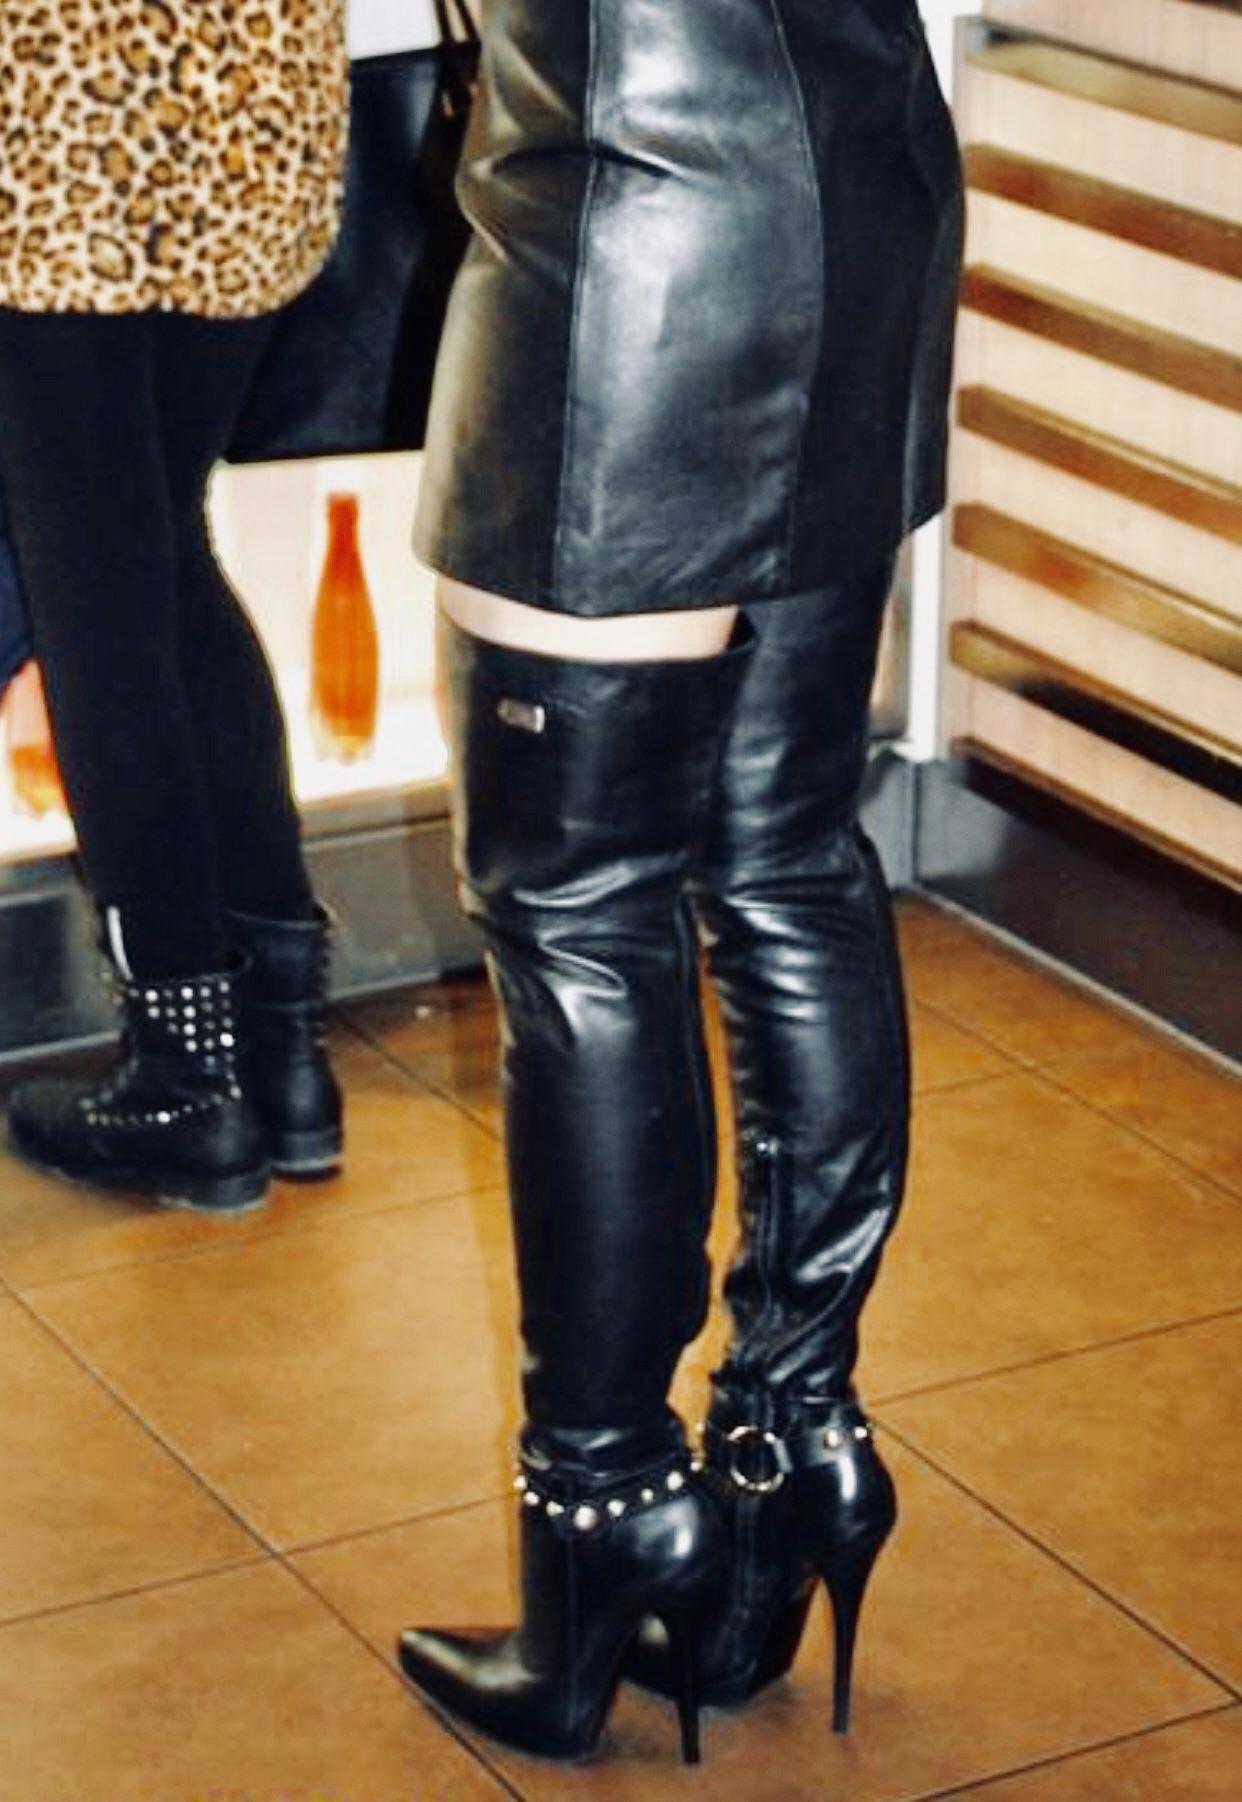 Pin van Boot man op Boots in 2020 | Hoge laarzen, Laarzen